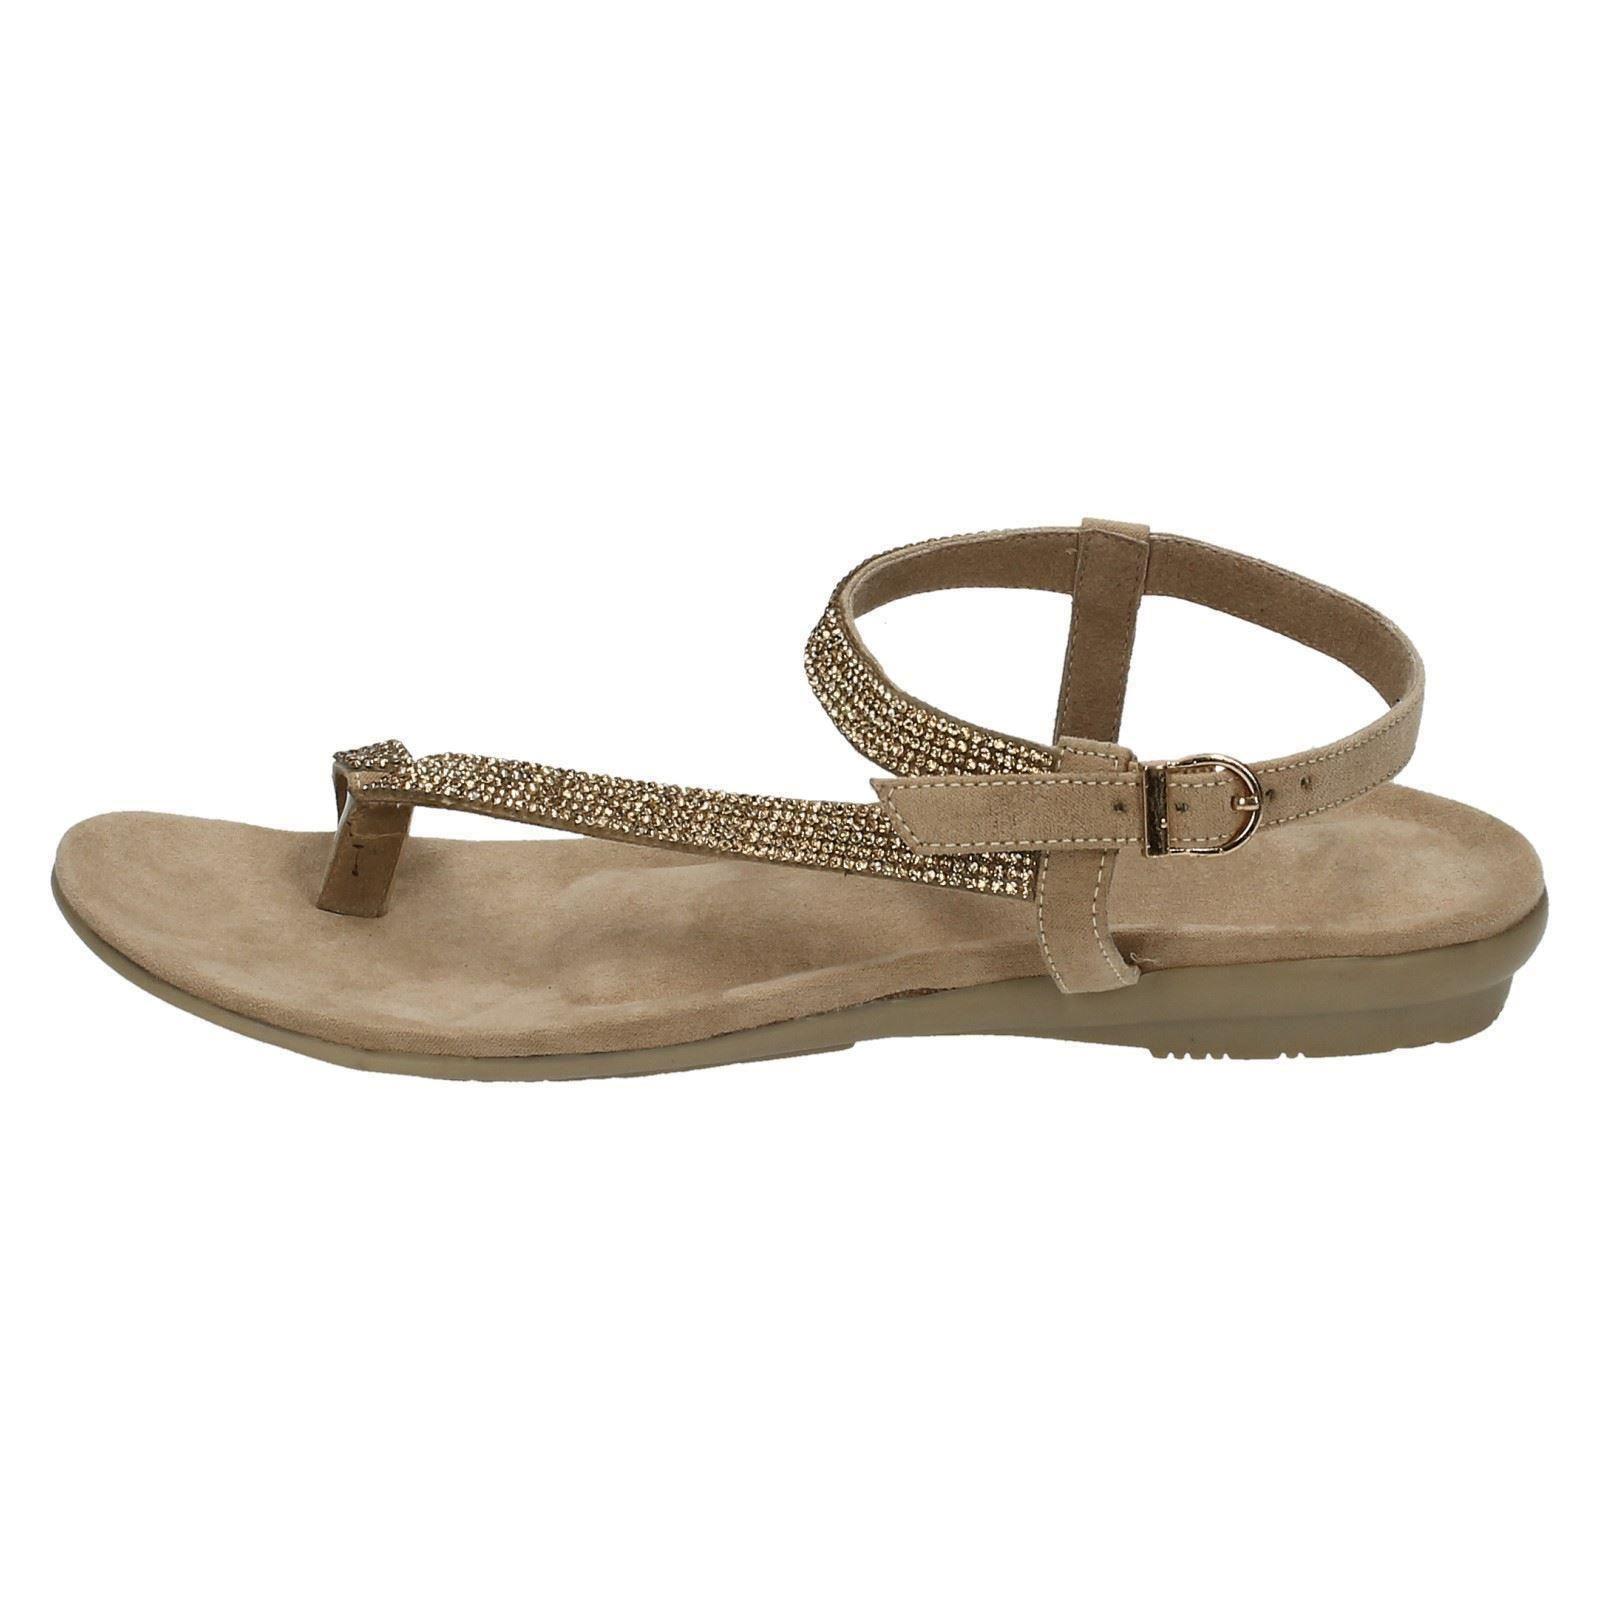 Toe Loop Shoes